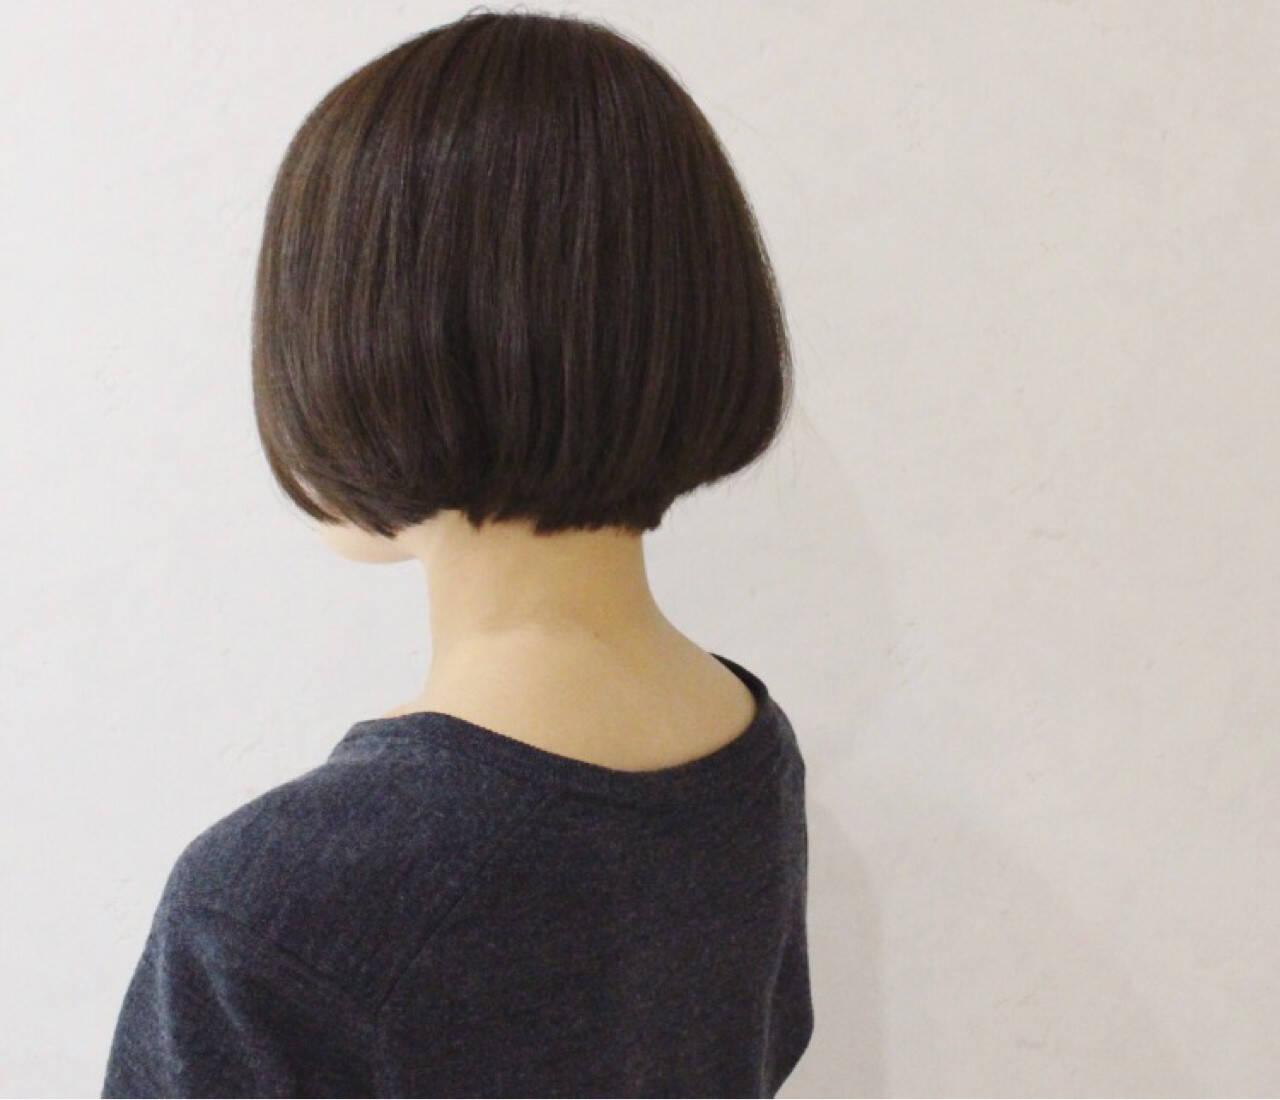 ナチュラル 大人かわいい 大人女子 ゆるふわヘアスタイルや髪型の写真・画像